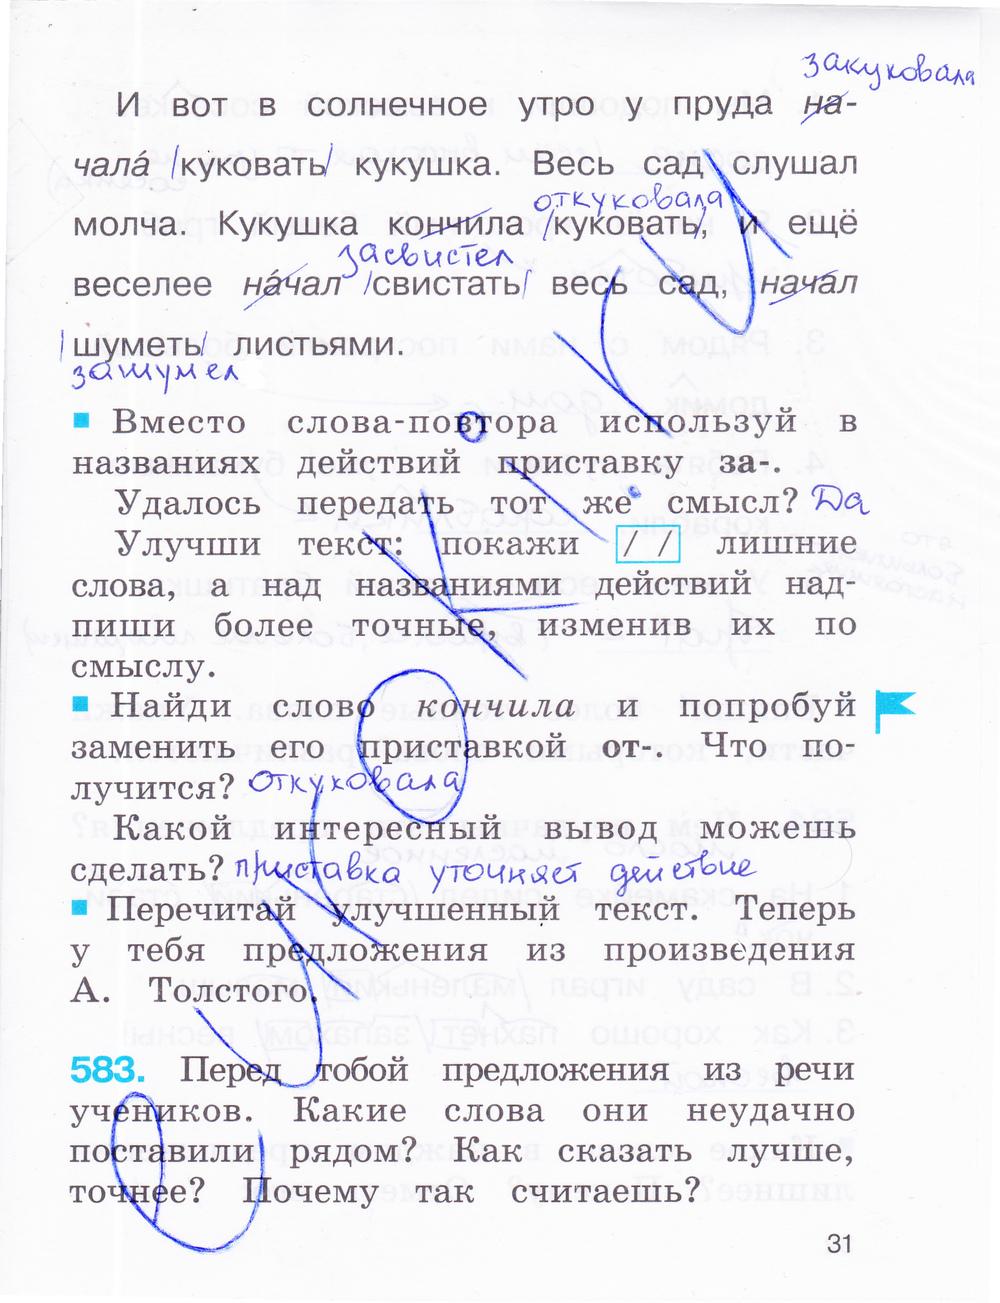 гдз по русскому в рабочей тетради 2 класс кузьменко